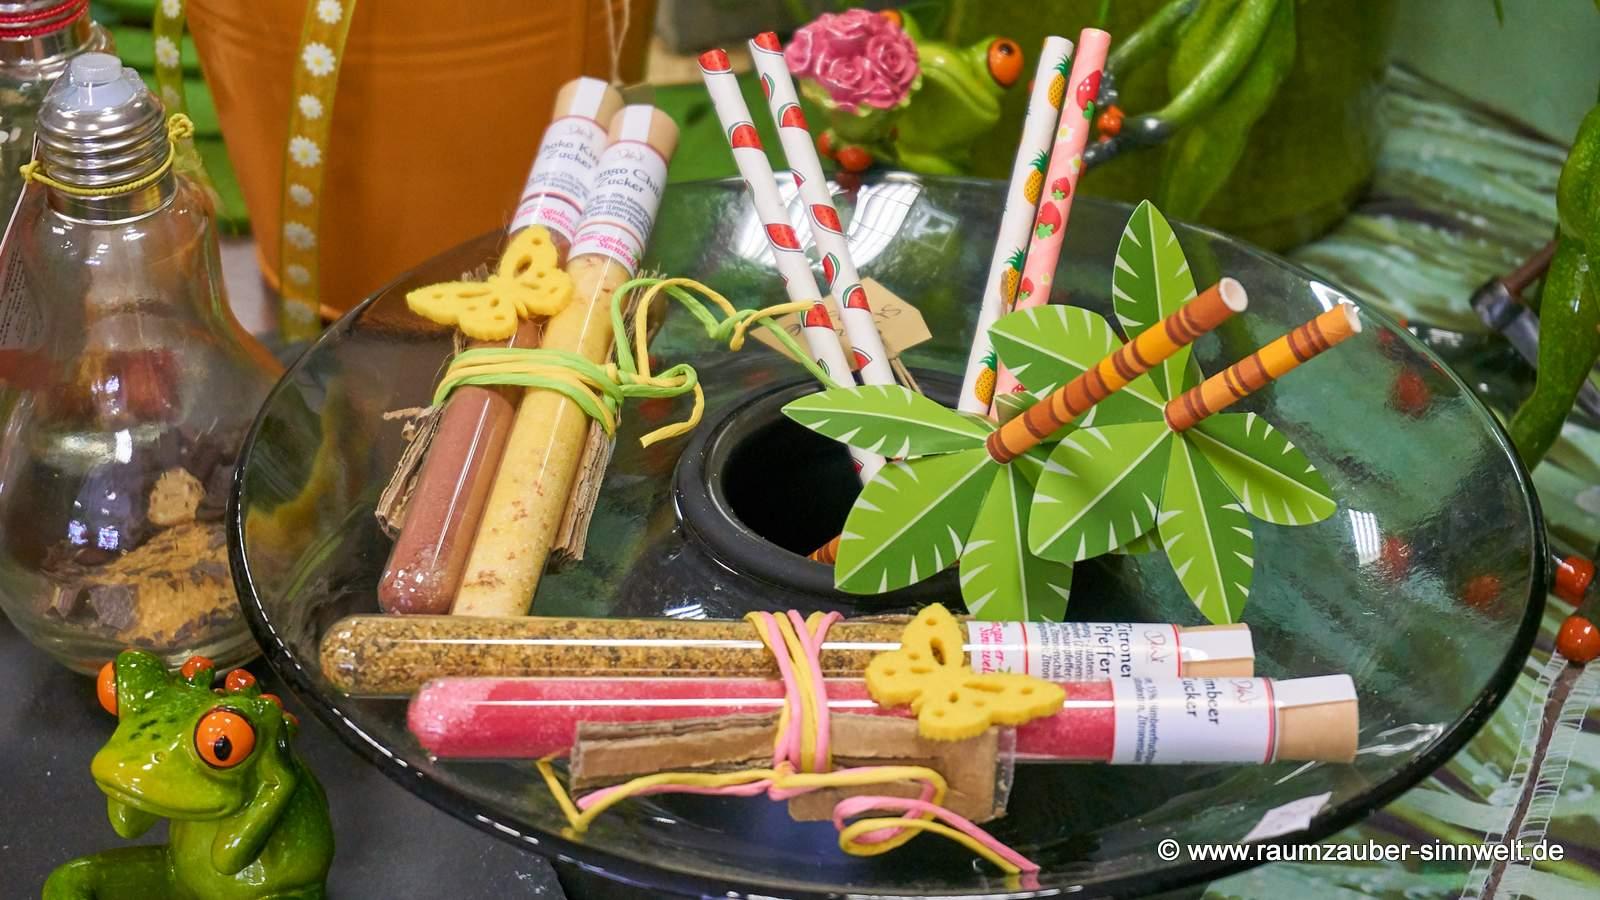 dekorierte Gewürzröhrchen